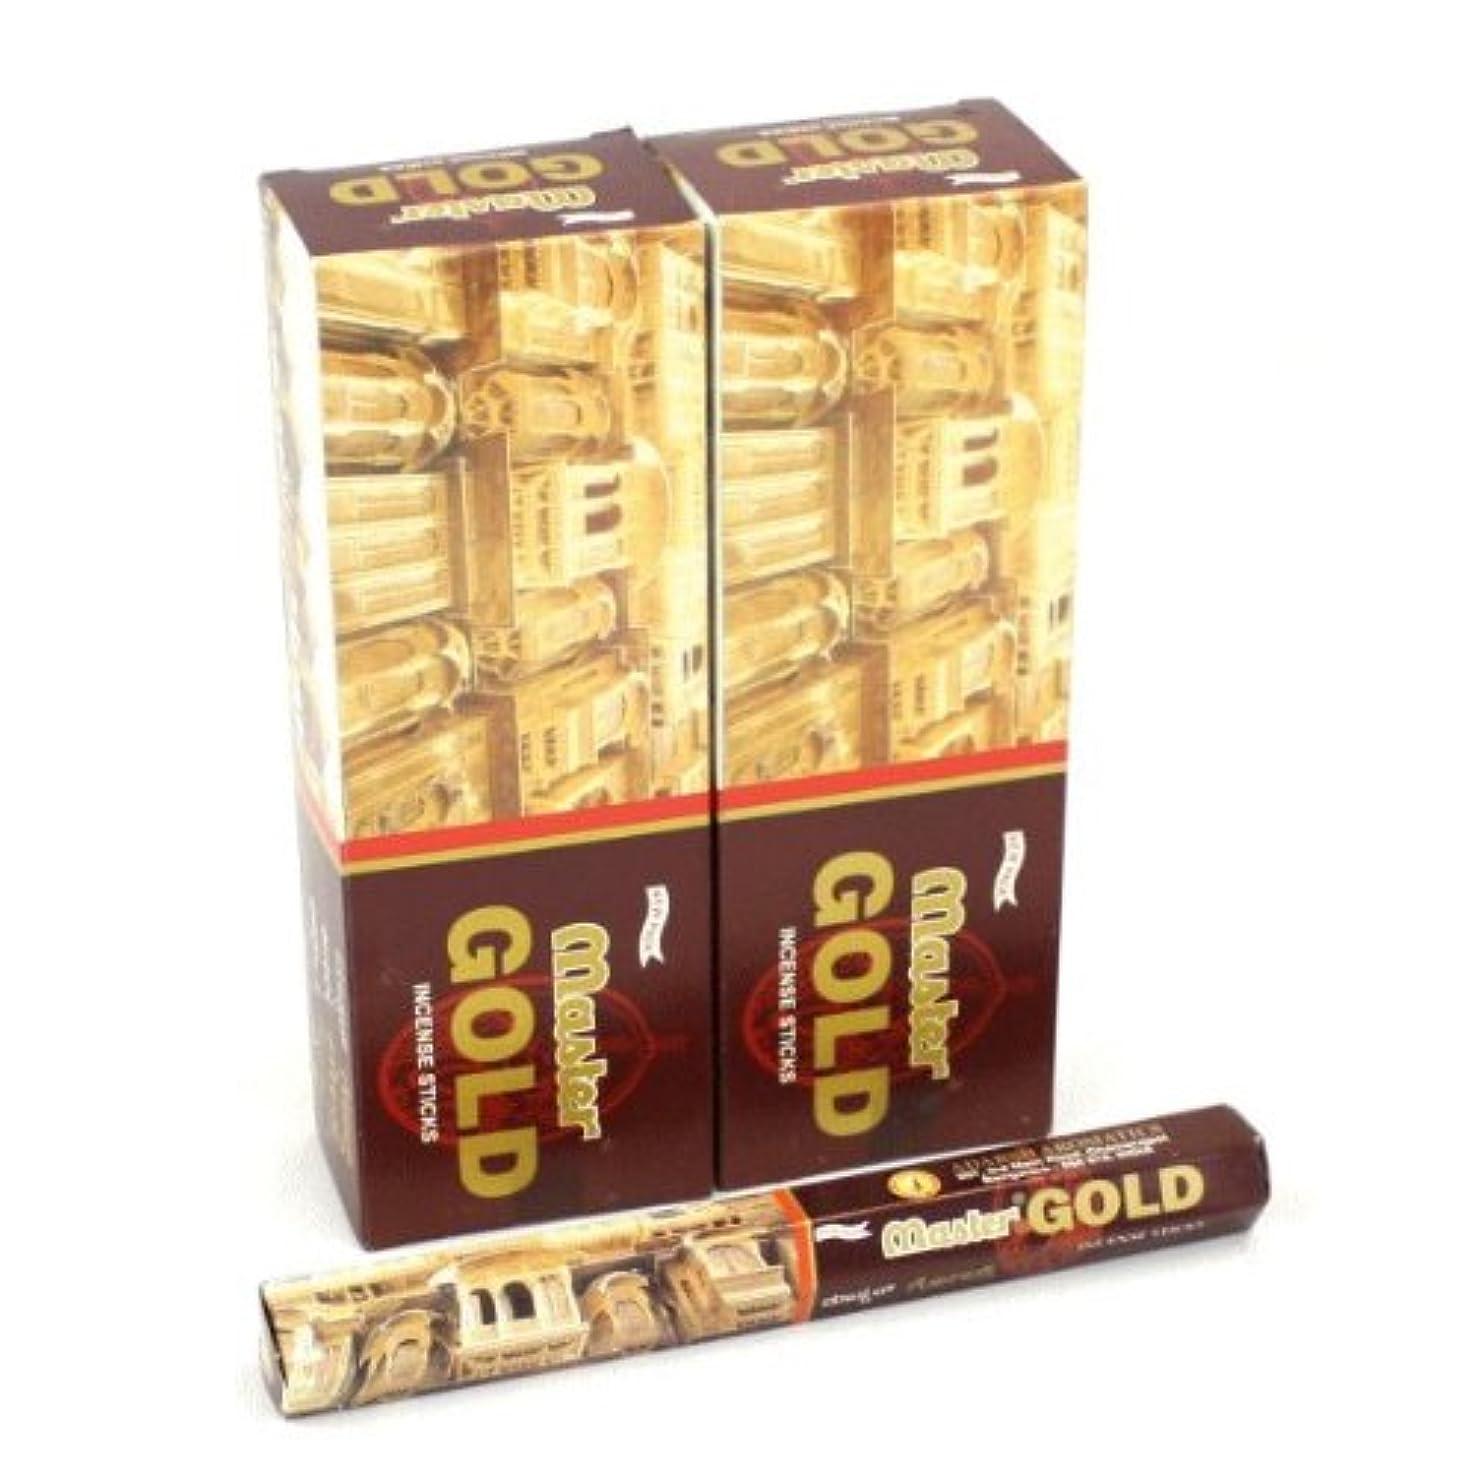 調整可能追記サークルADARSH マスターゴールド香 スティック ヘキサパック(六角) 12箱セット MASTER GOLD